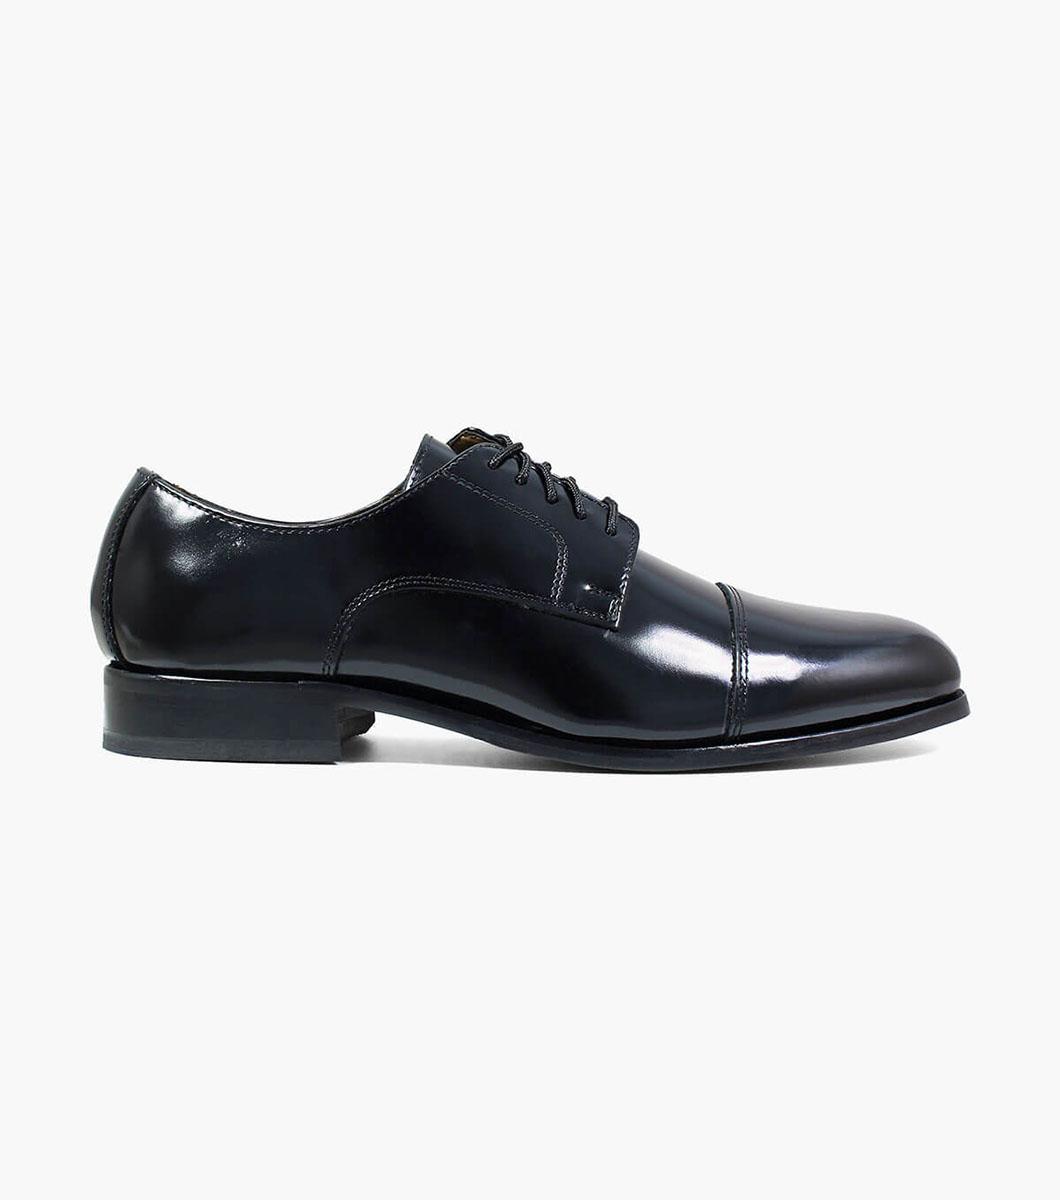 Florsheim Men's Broxton Cap-Toe Oxford Men's Shoes aGn88